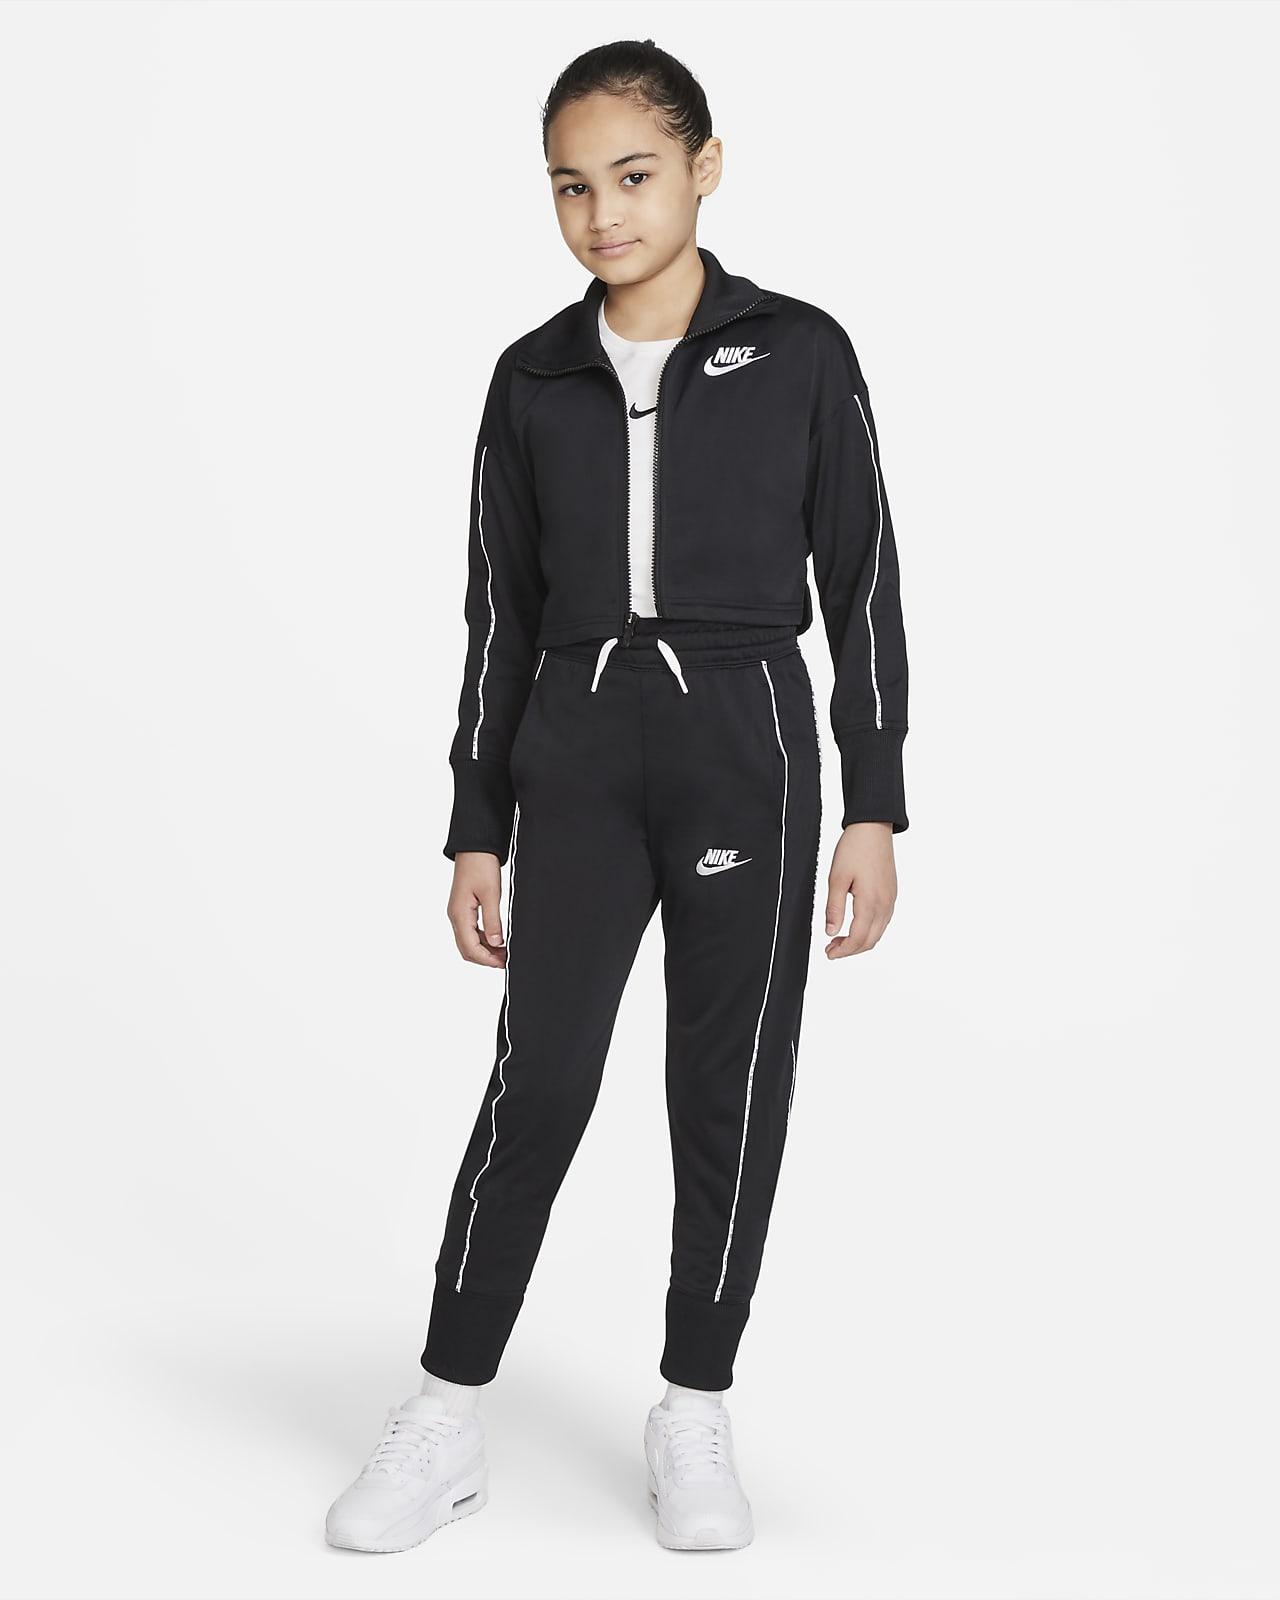 Ψηλόμεση φόρμα Nike Sportswear για μεγάλα κορίτσια